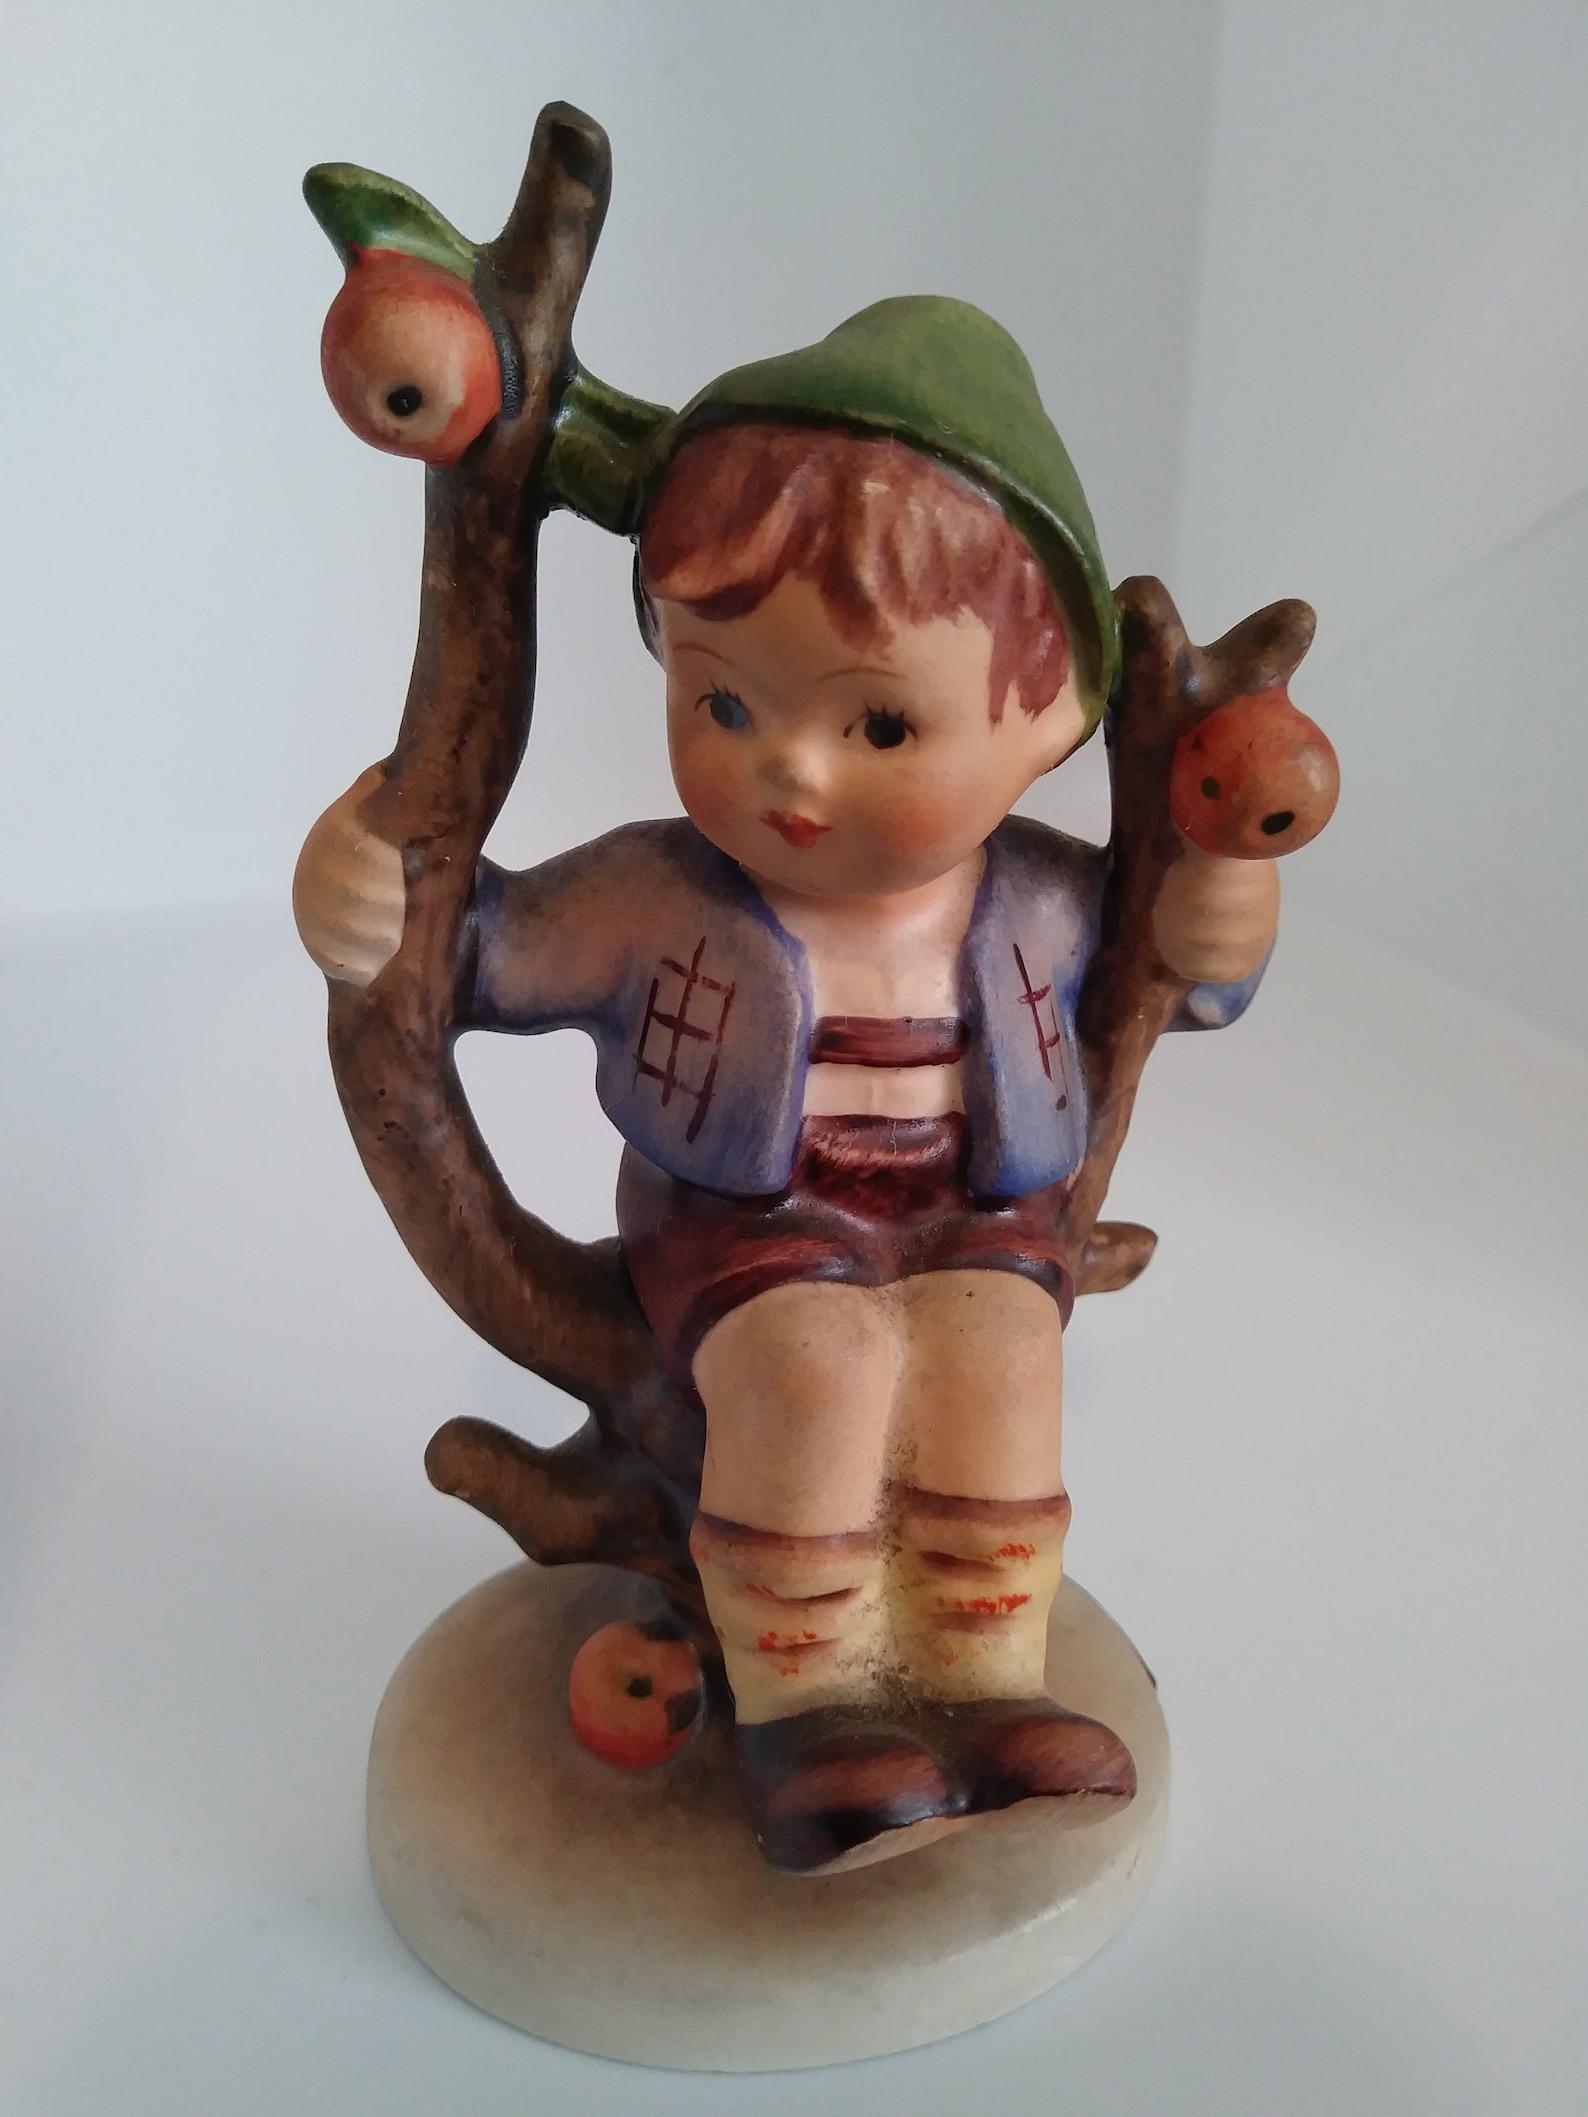 Vintage Hummel Figurine Apple Tree Boy 142 3/4 92